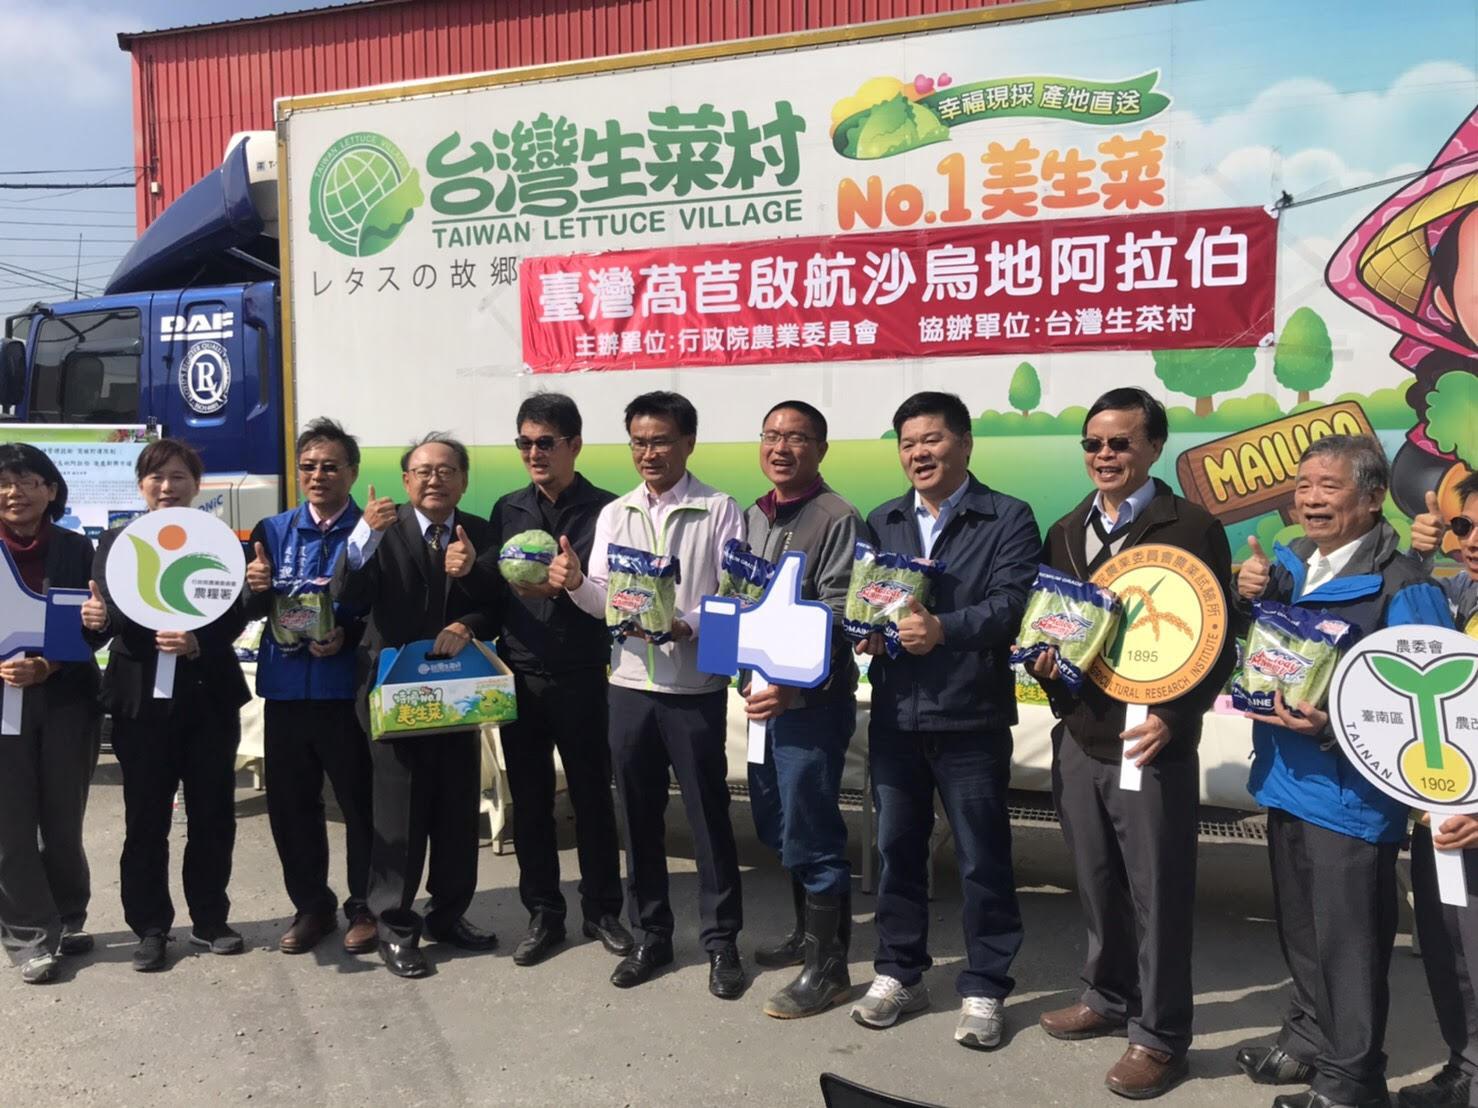 突破長途運輸限制 臺灣萵苣外銷沙烏地阿拉伯開拓新興市場